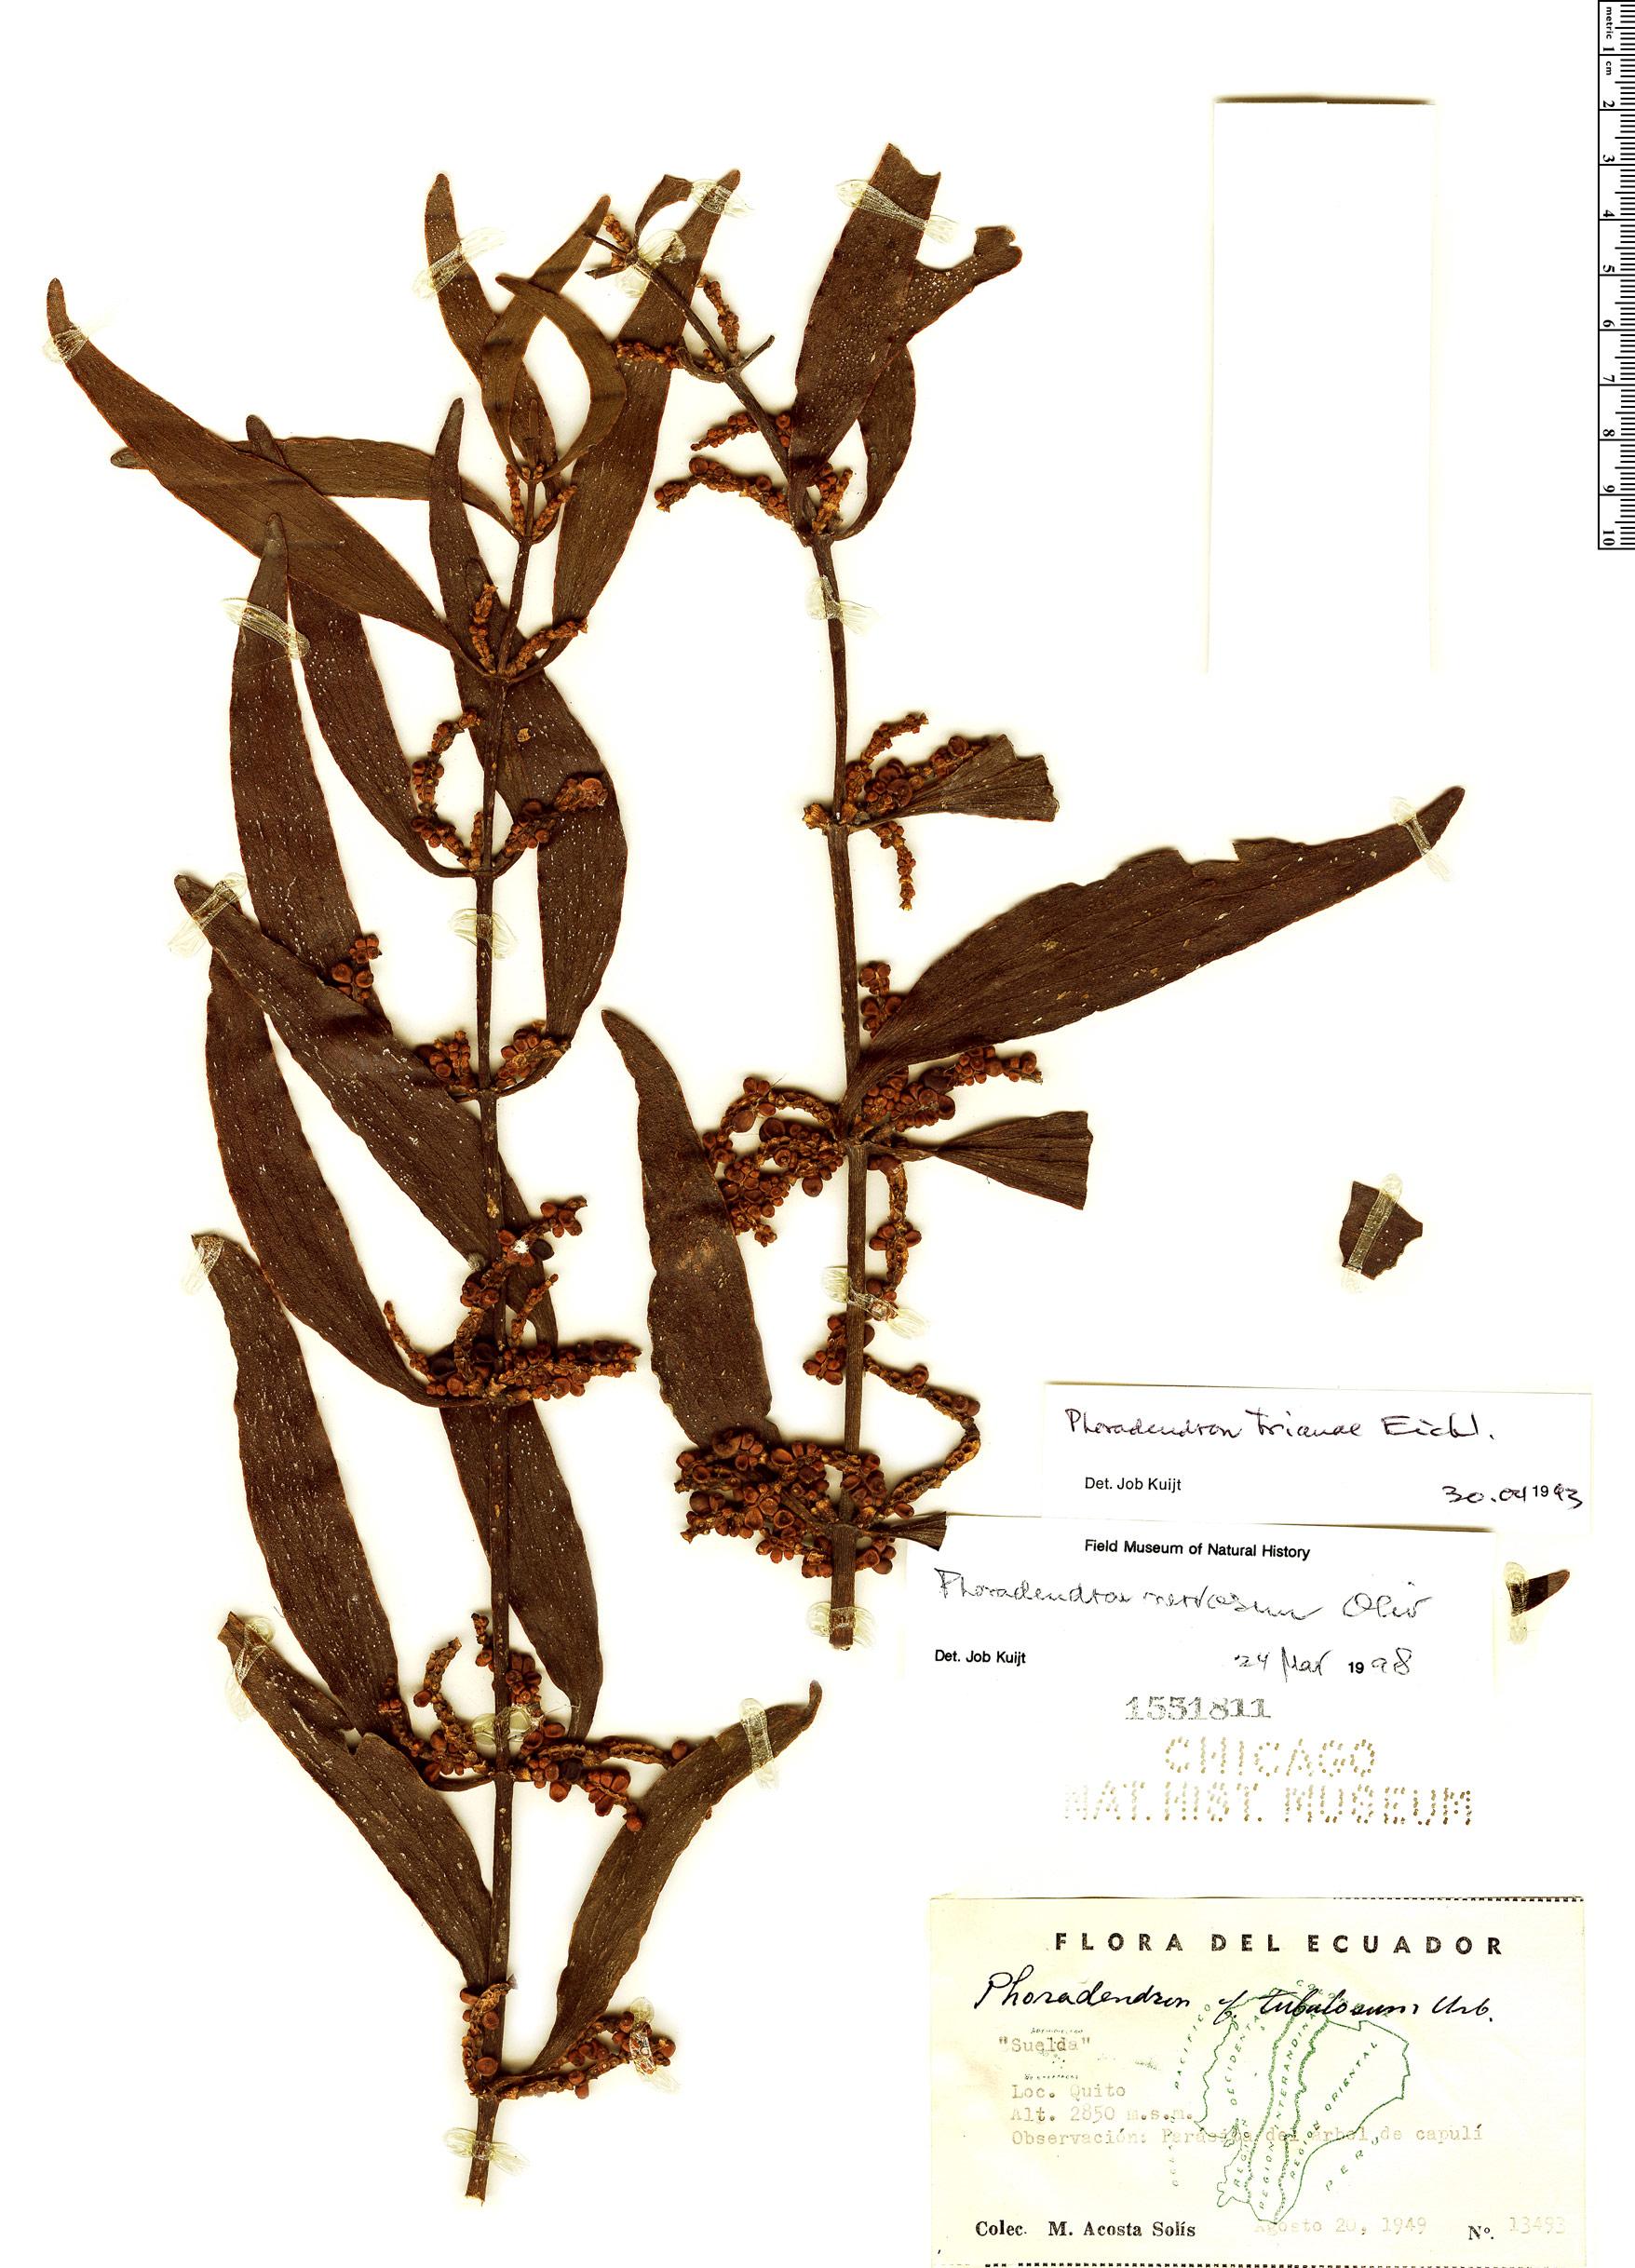 Specimen: Phoradendron nervosum